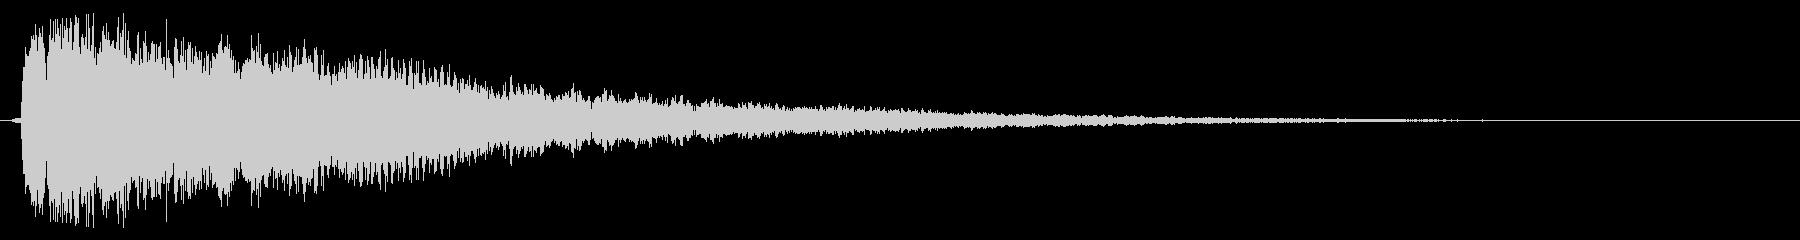 キラーン【複数形】鉄琴系 上昇音形の未再生の波形